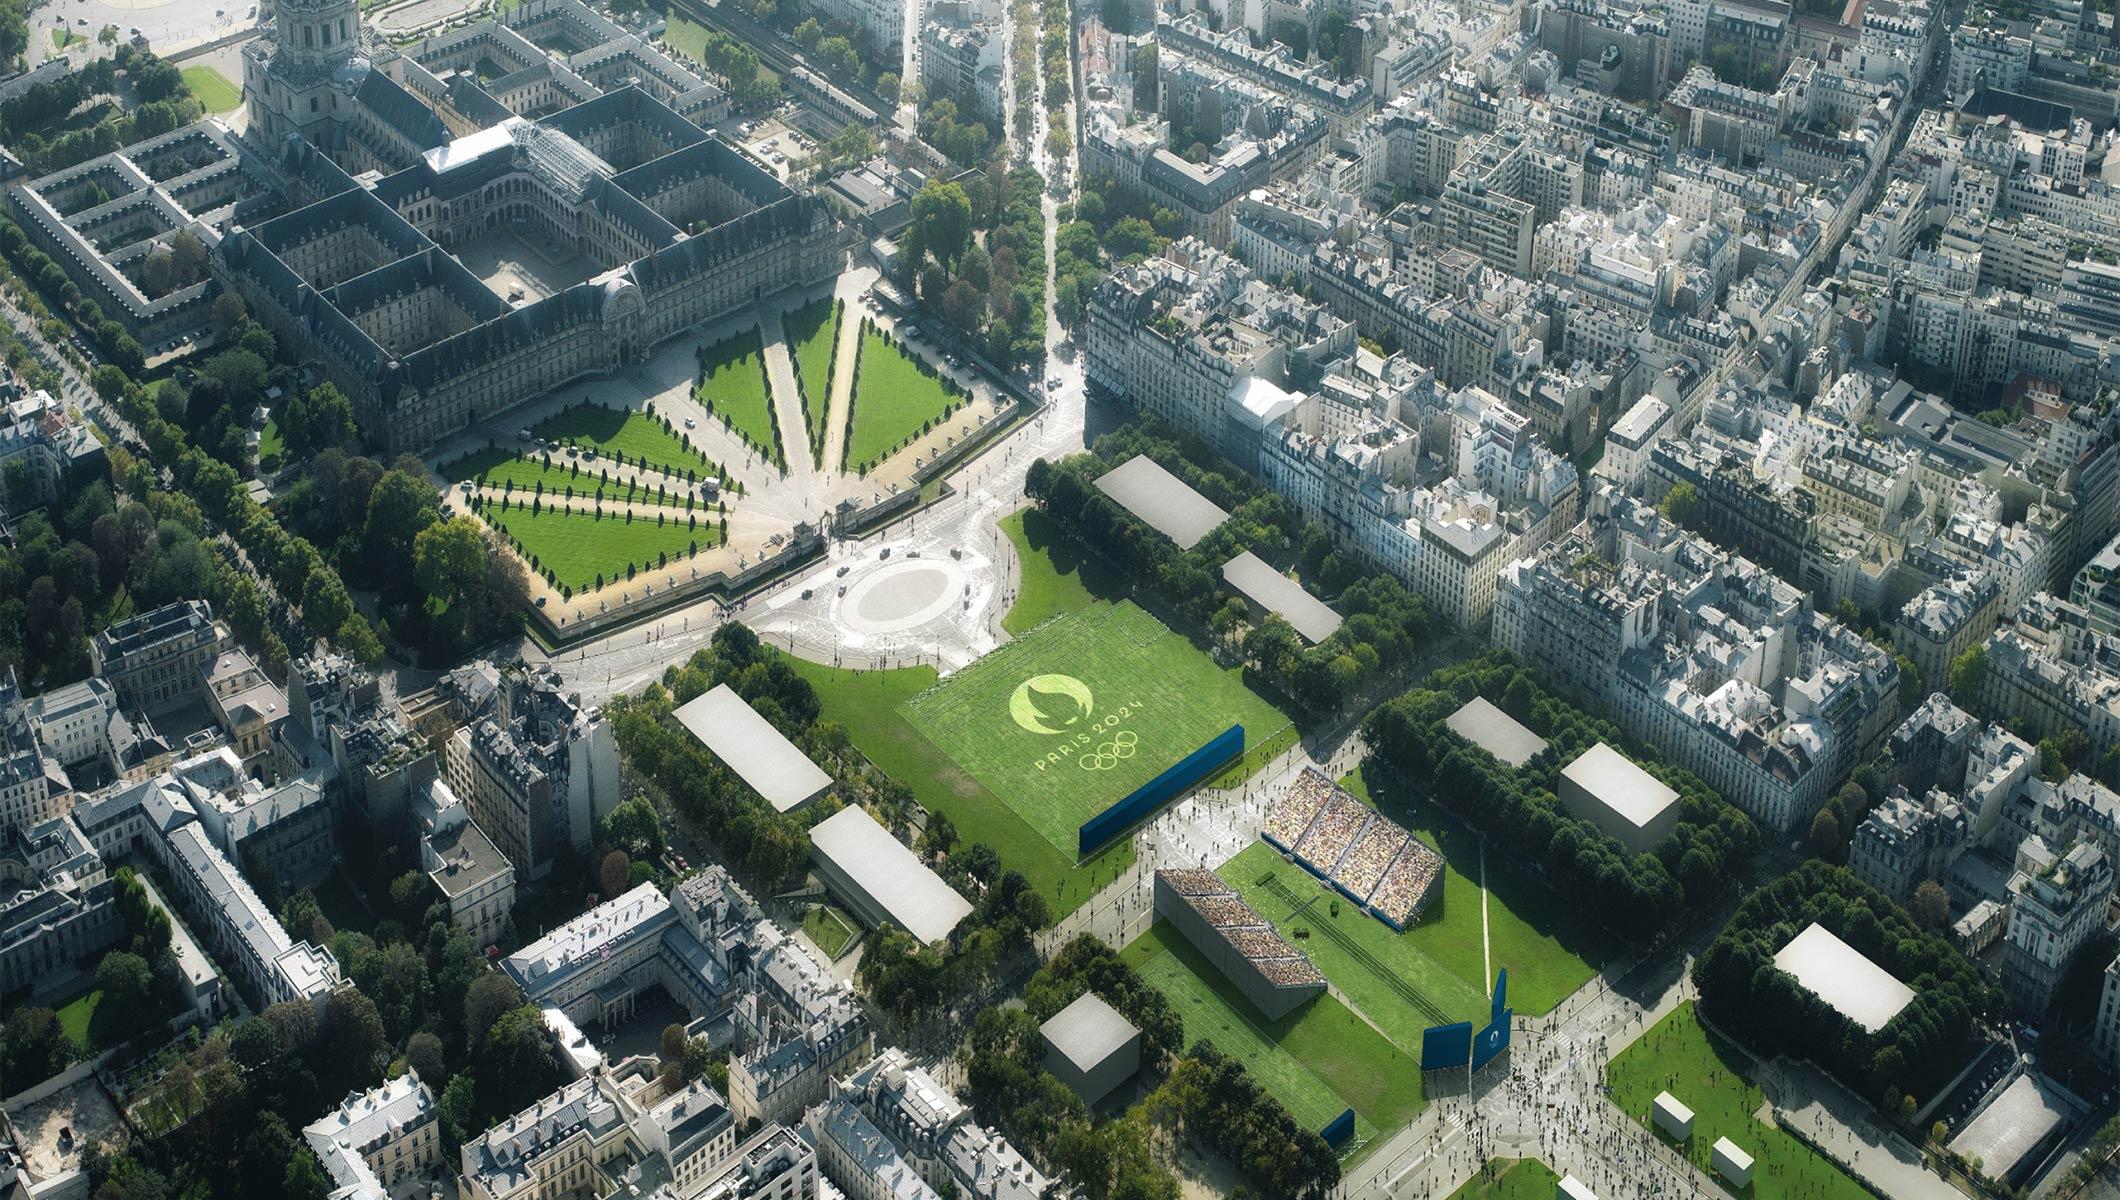 París 2024 se compromete a realizar sus juegos climáticamente positivos